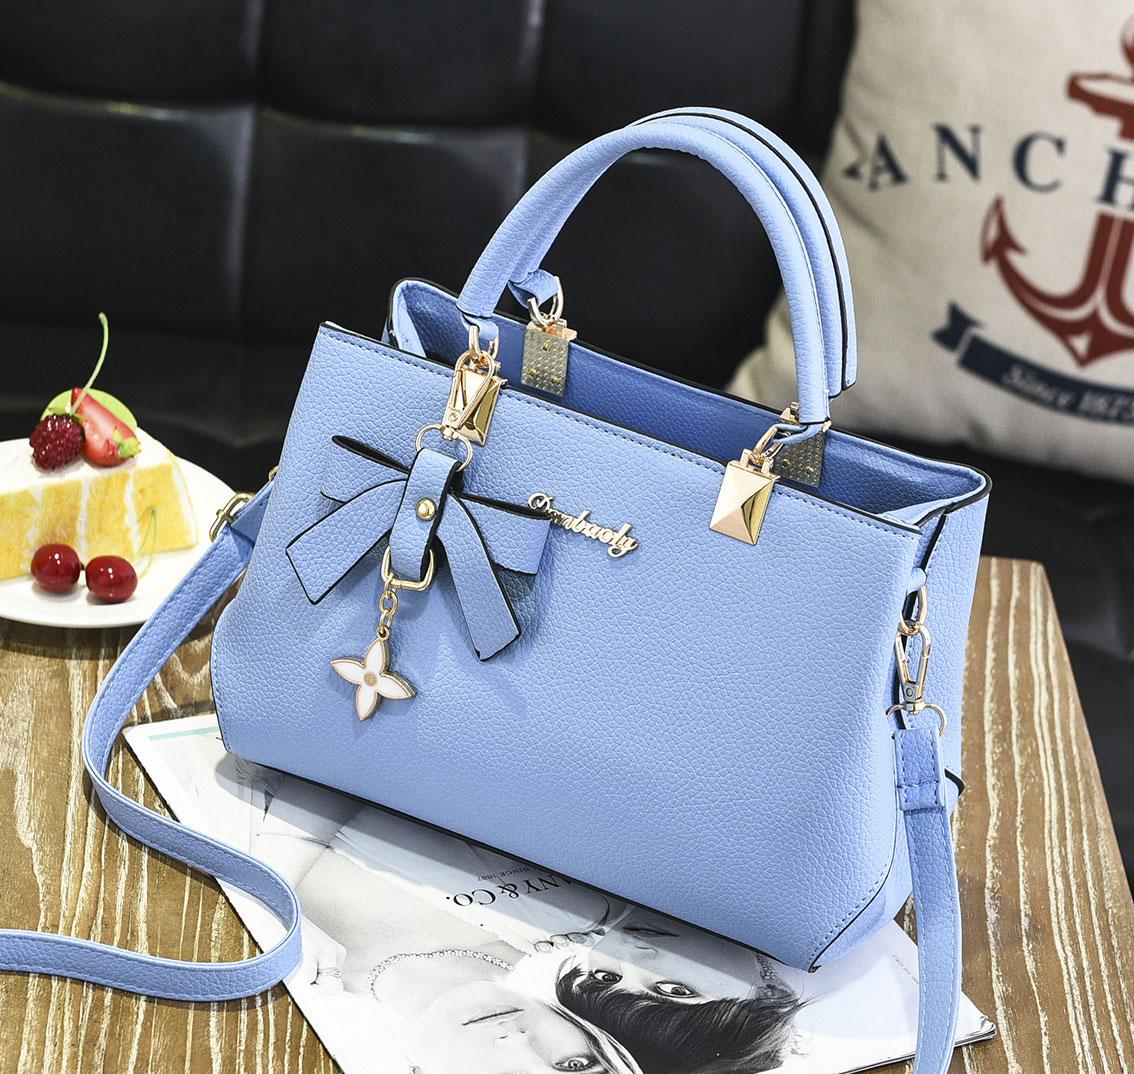 ขายส่ง กระเป๋าผู้หญิงถือและสะพายข้างแฟชั่นสไตล์เกาหลี แต่งโบว์ห้อยจี้ดอกไม้ รหัส KO-612 สีฟ้า